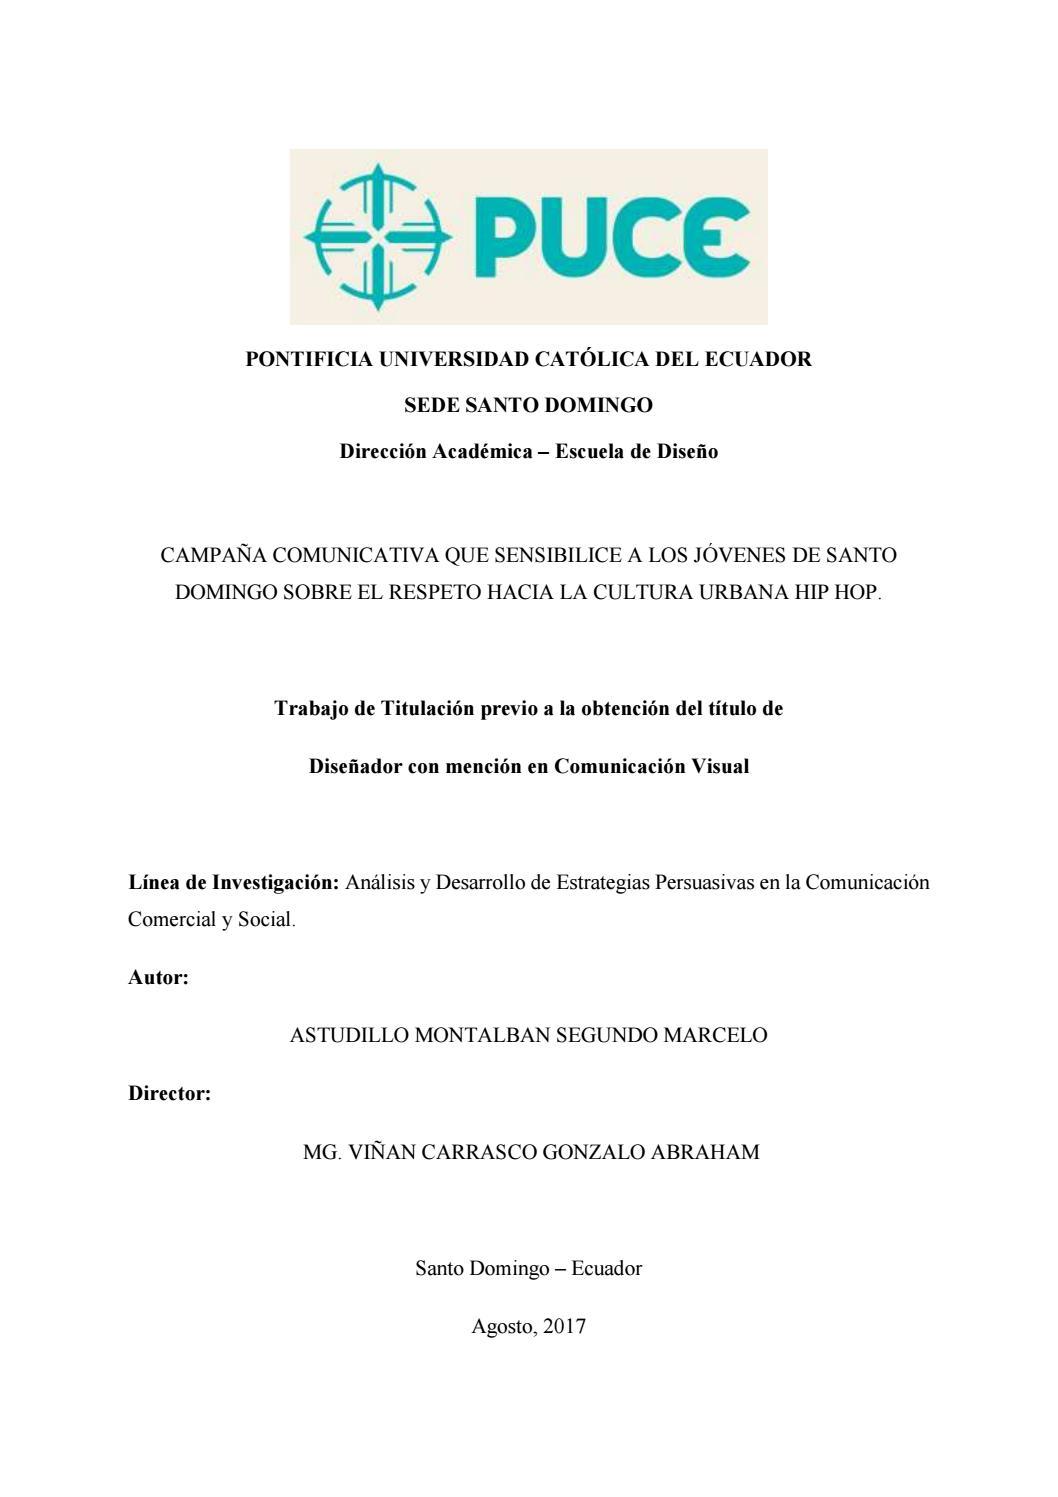 Campaña comunicativa que sensibilice a los jóvenes de Santo Domingo ...